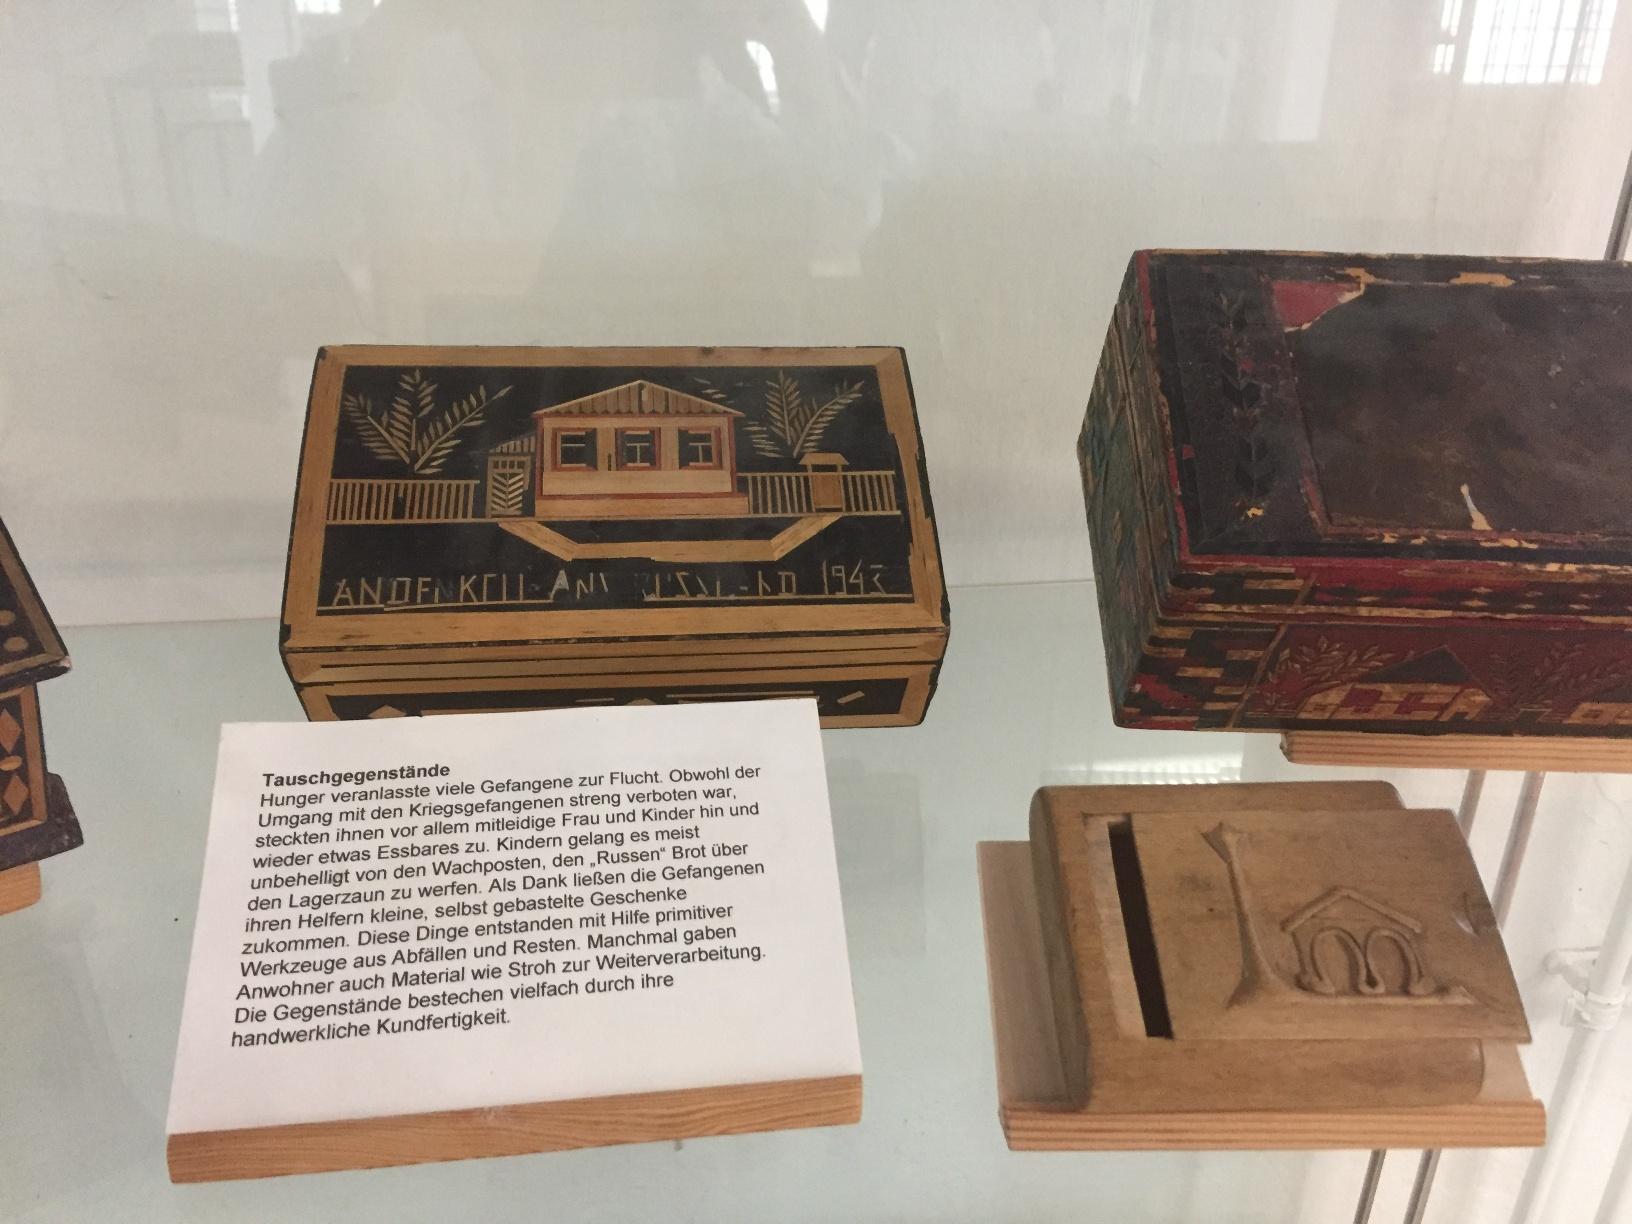 Ausstellungsstücke in der Gedenkstätte Stalag 326 VIK